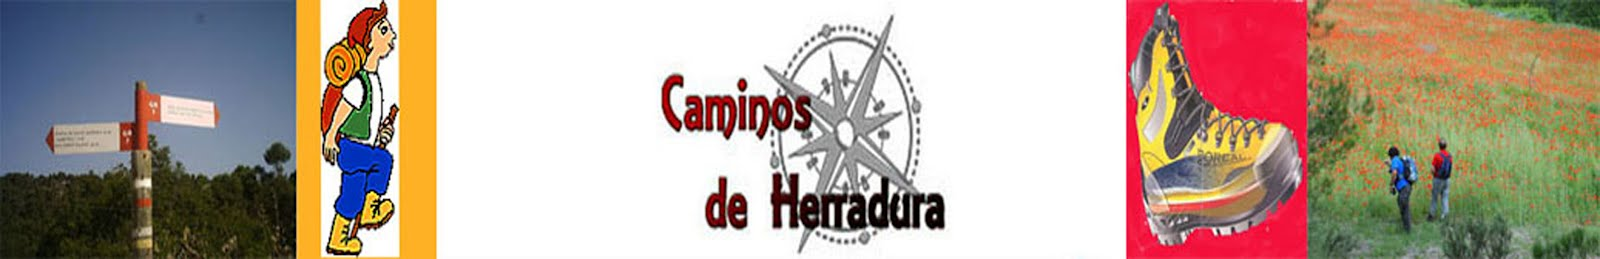 ACD. CAMINOS DE HERRADURA